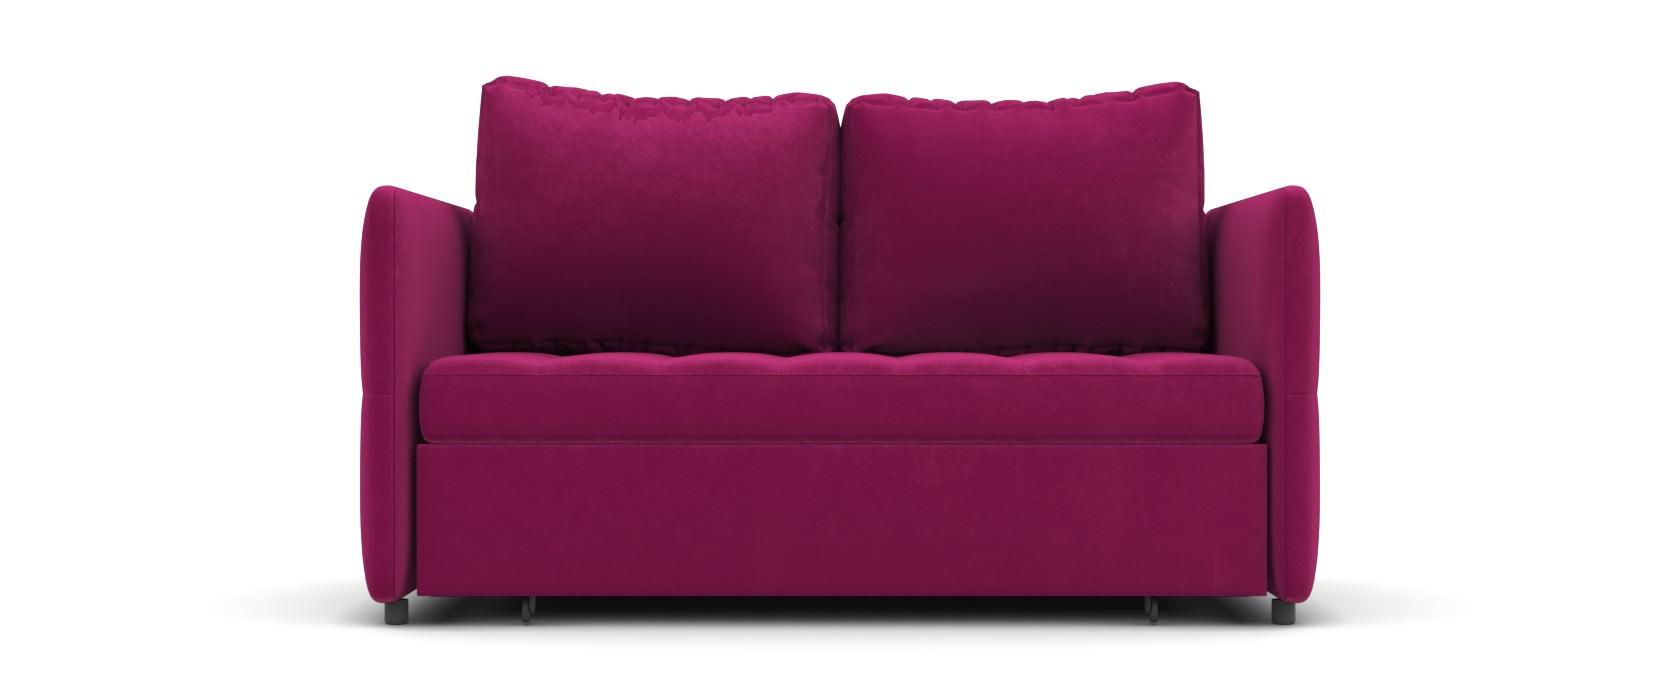 Двухместный диван Gracia - Pufetto